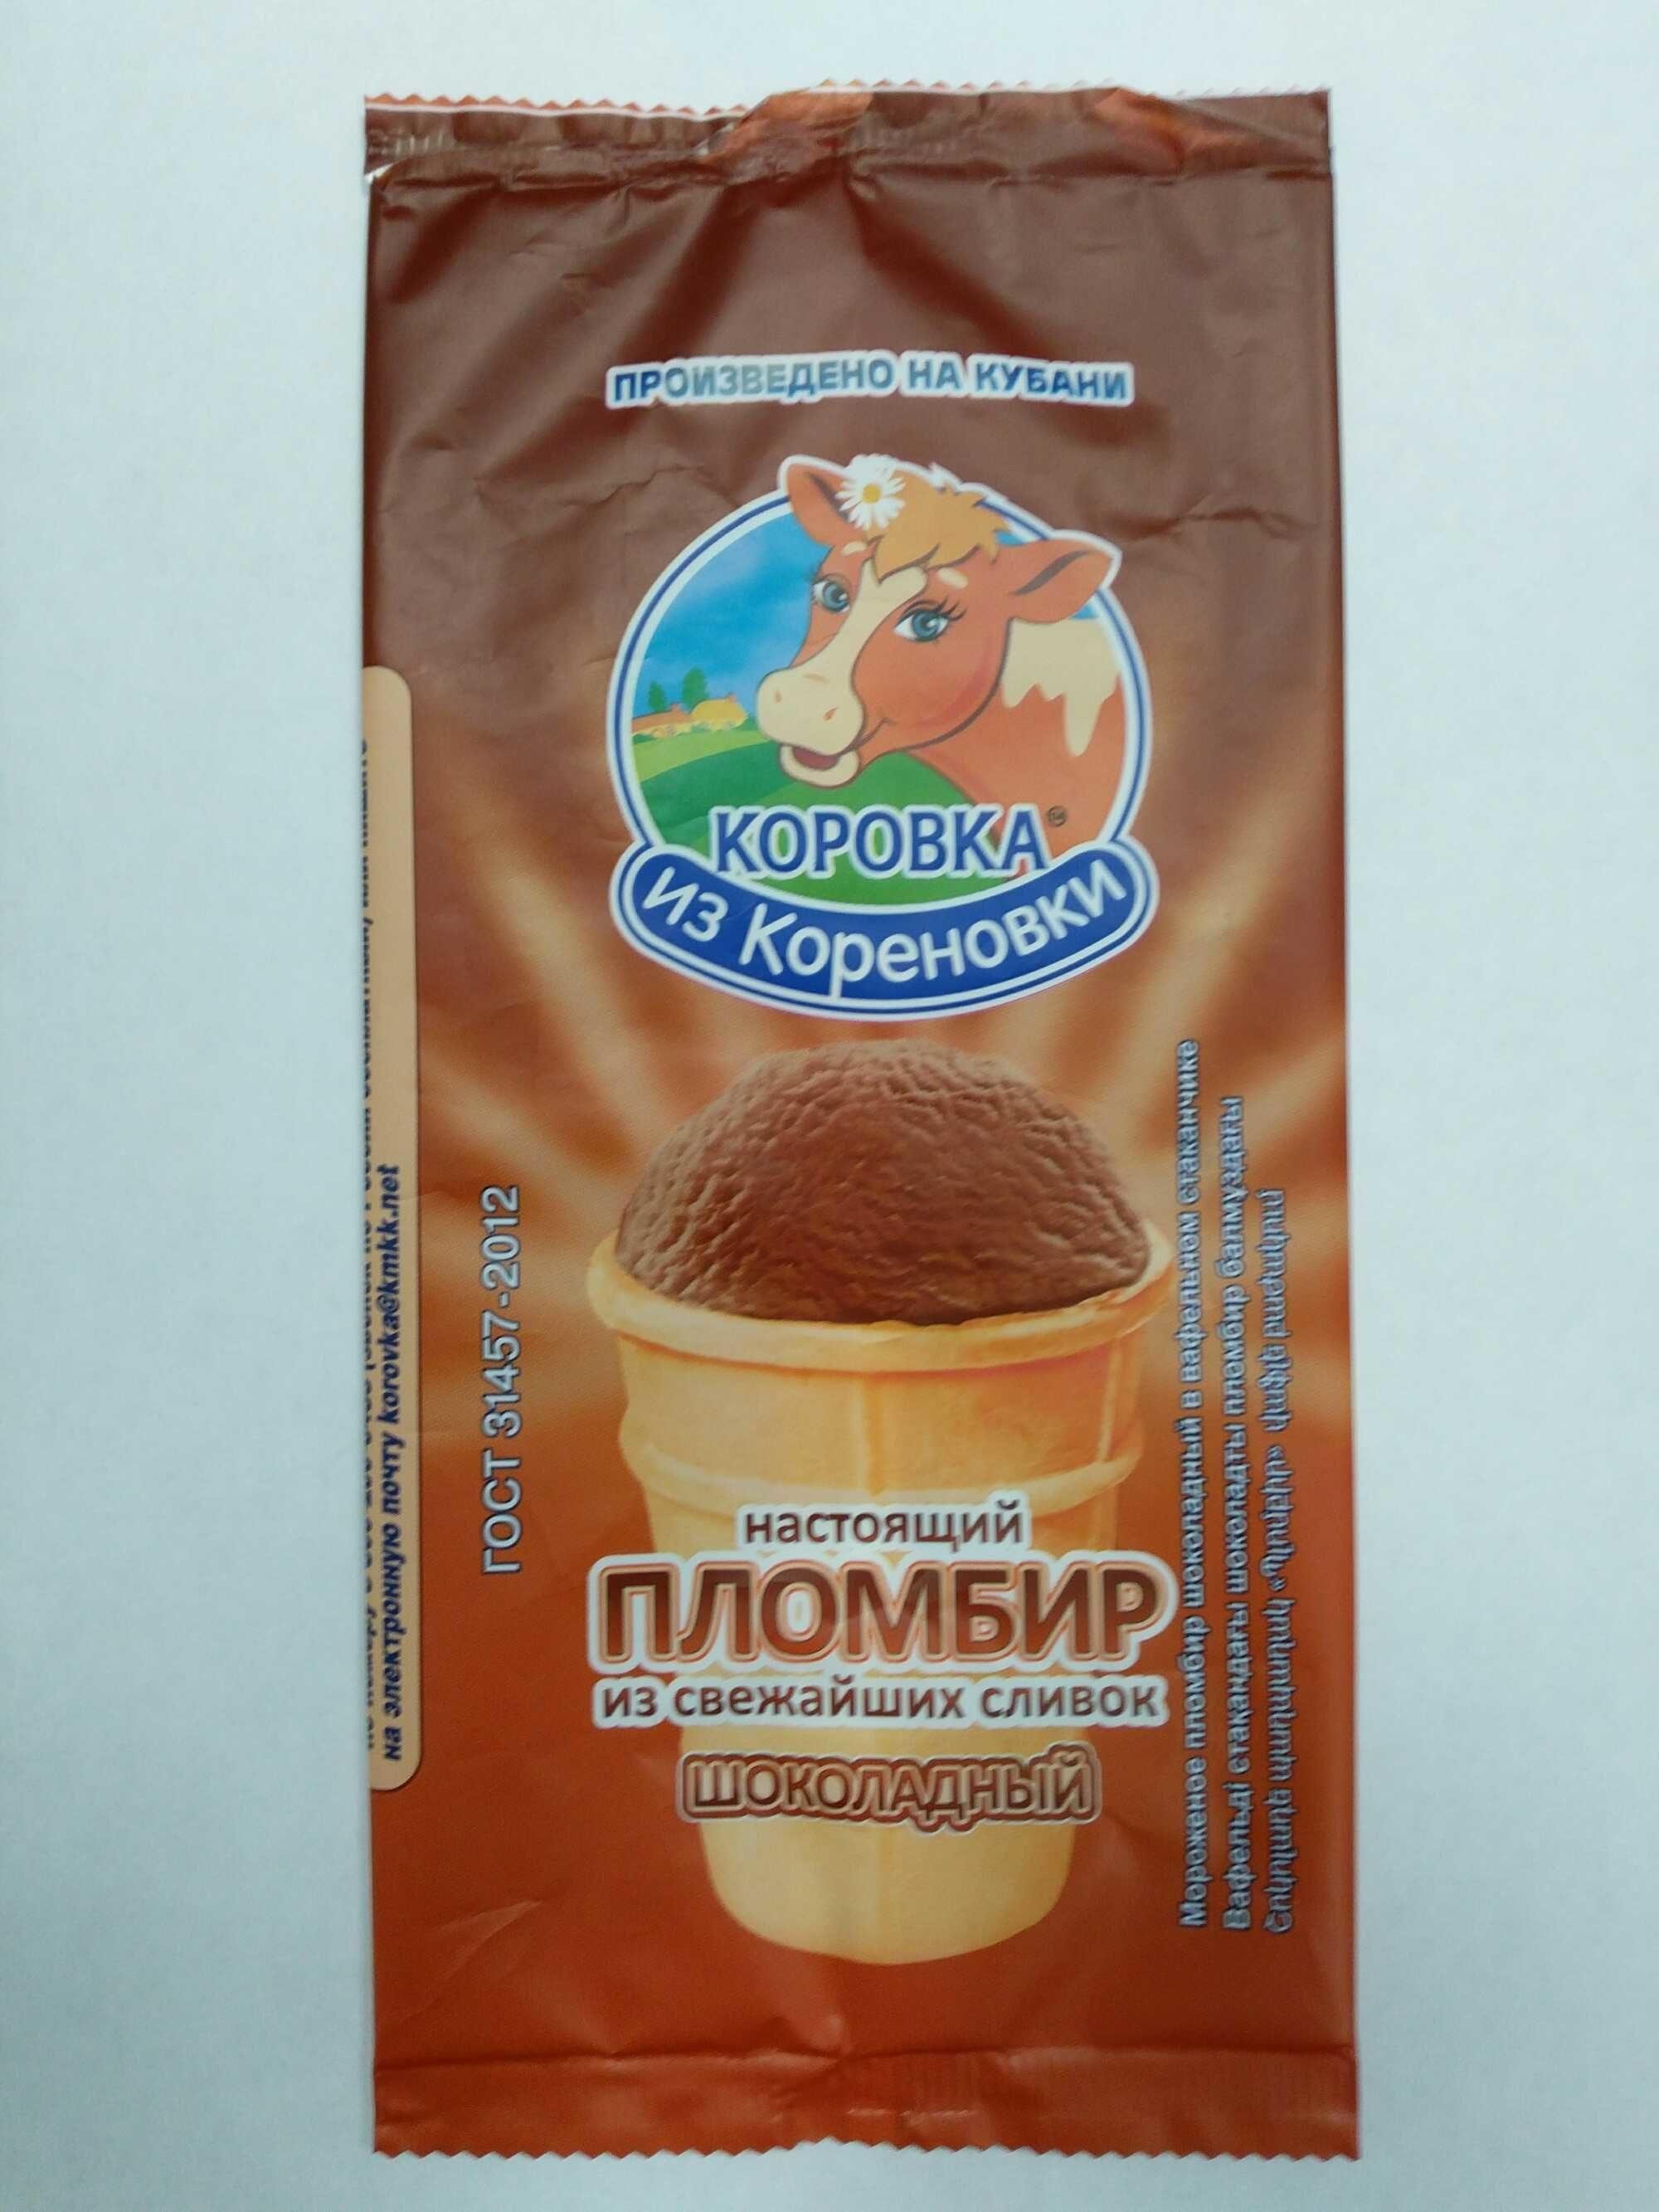 Как сделать пломбир на мороженое в домашних условиях